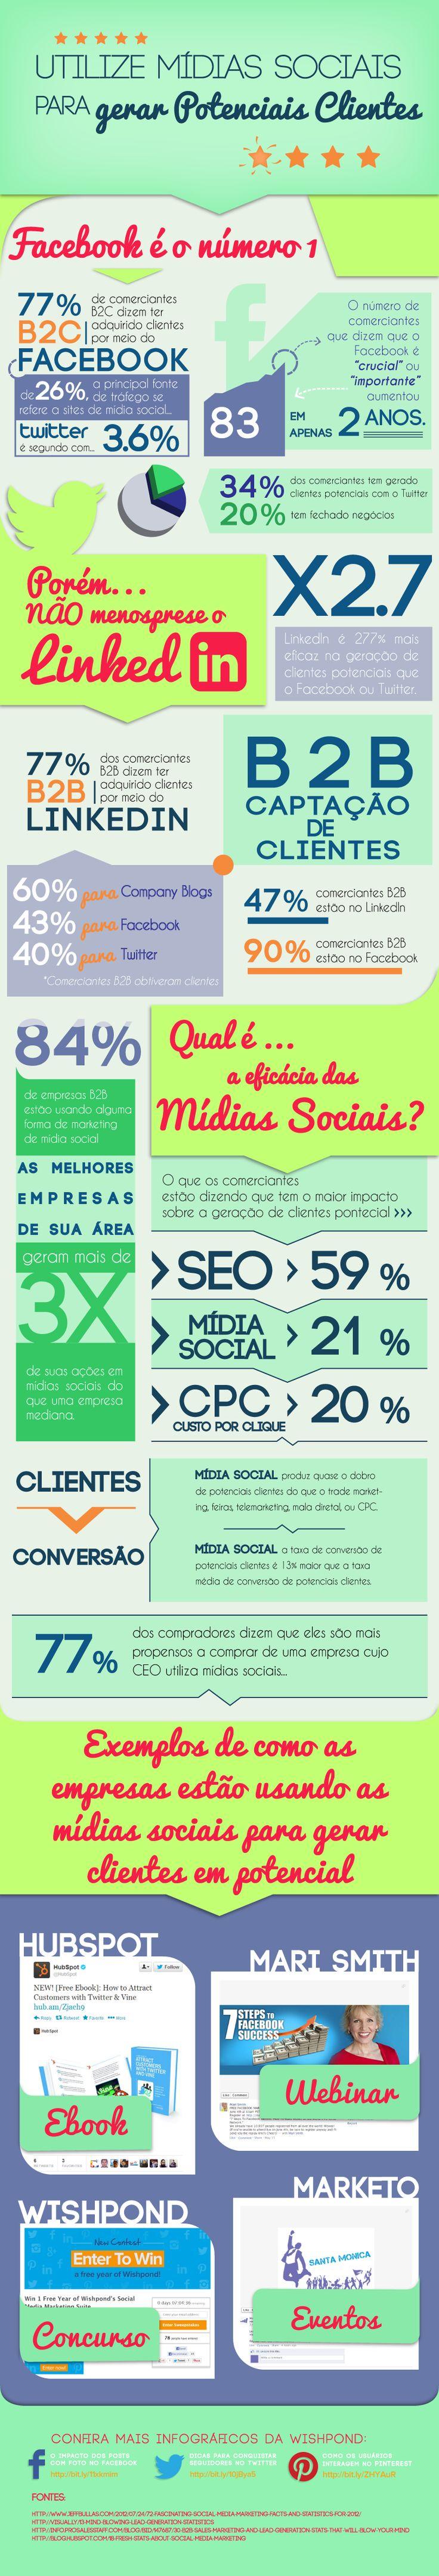 http://blog.wishpond.com.br/post/57109022751/utilize-midias-sociais-para-gerar-potenciais-clientes